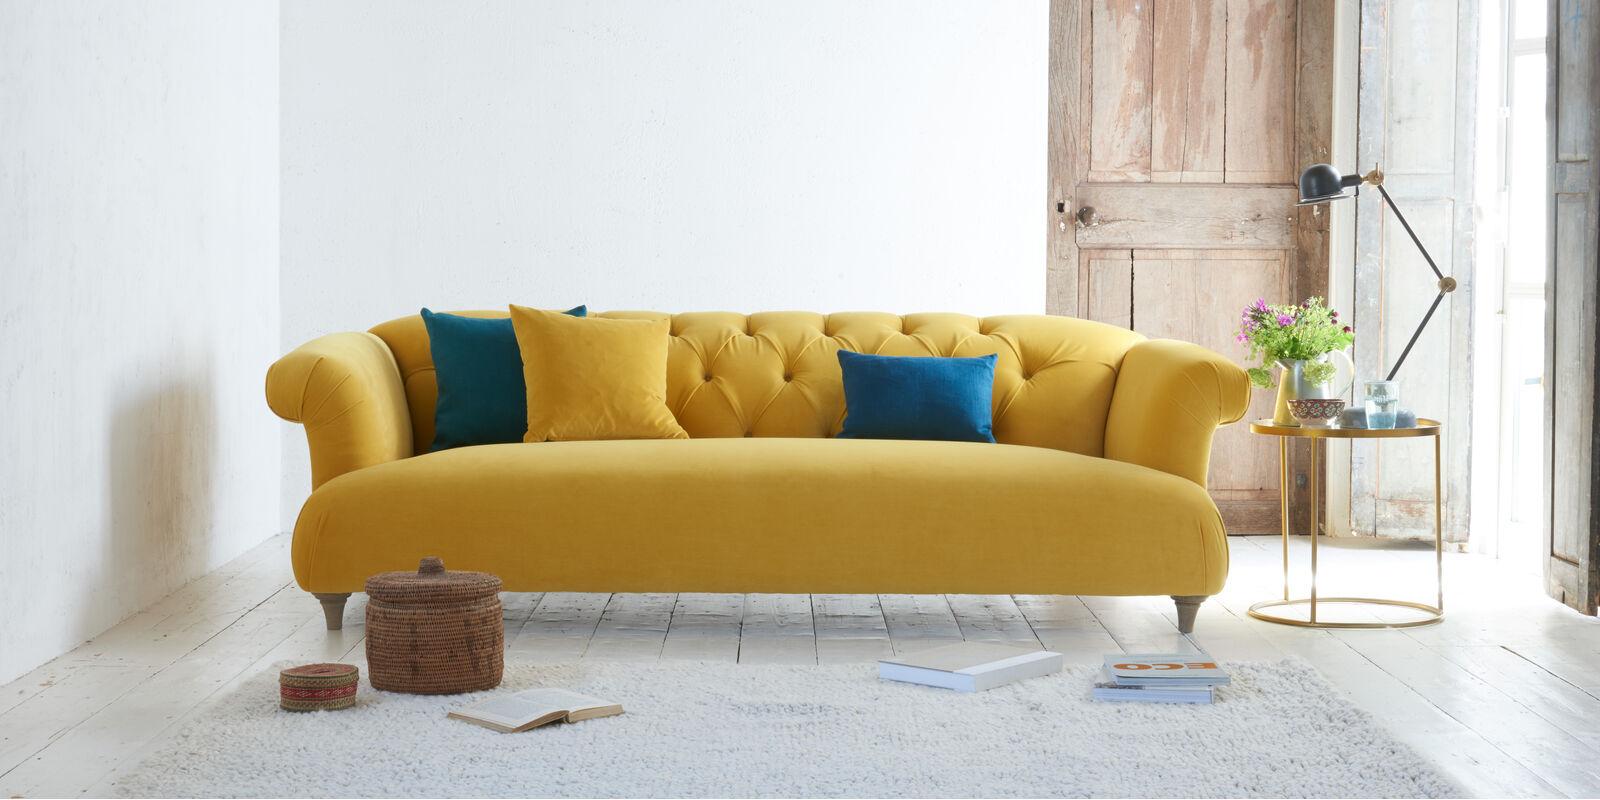 Dixie yellow velvet sofa